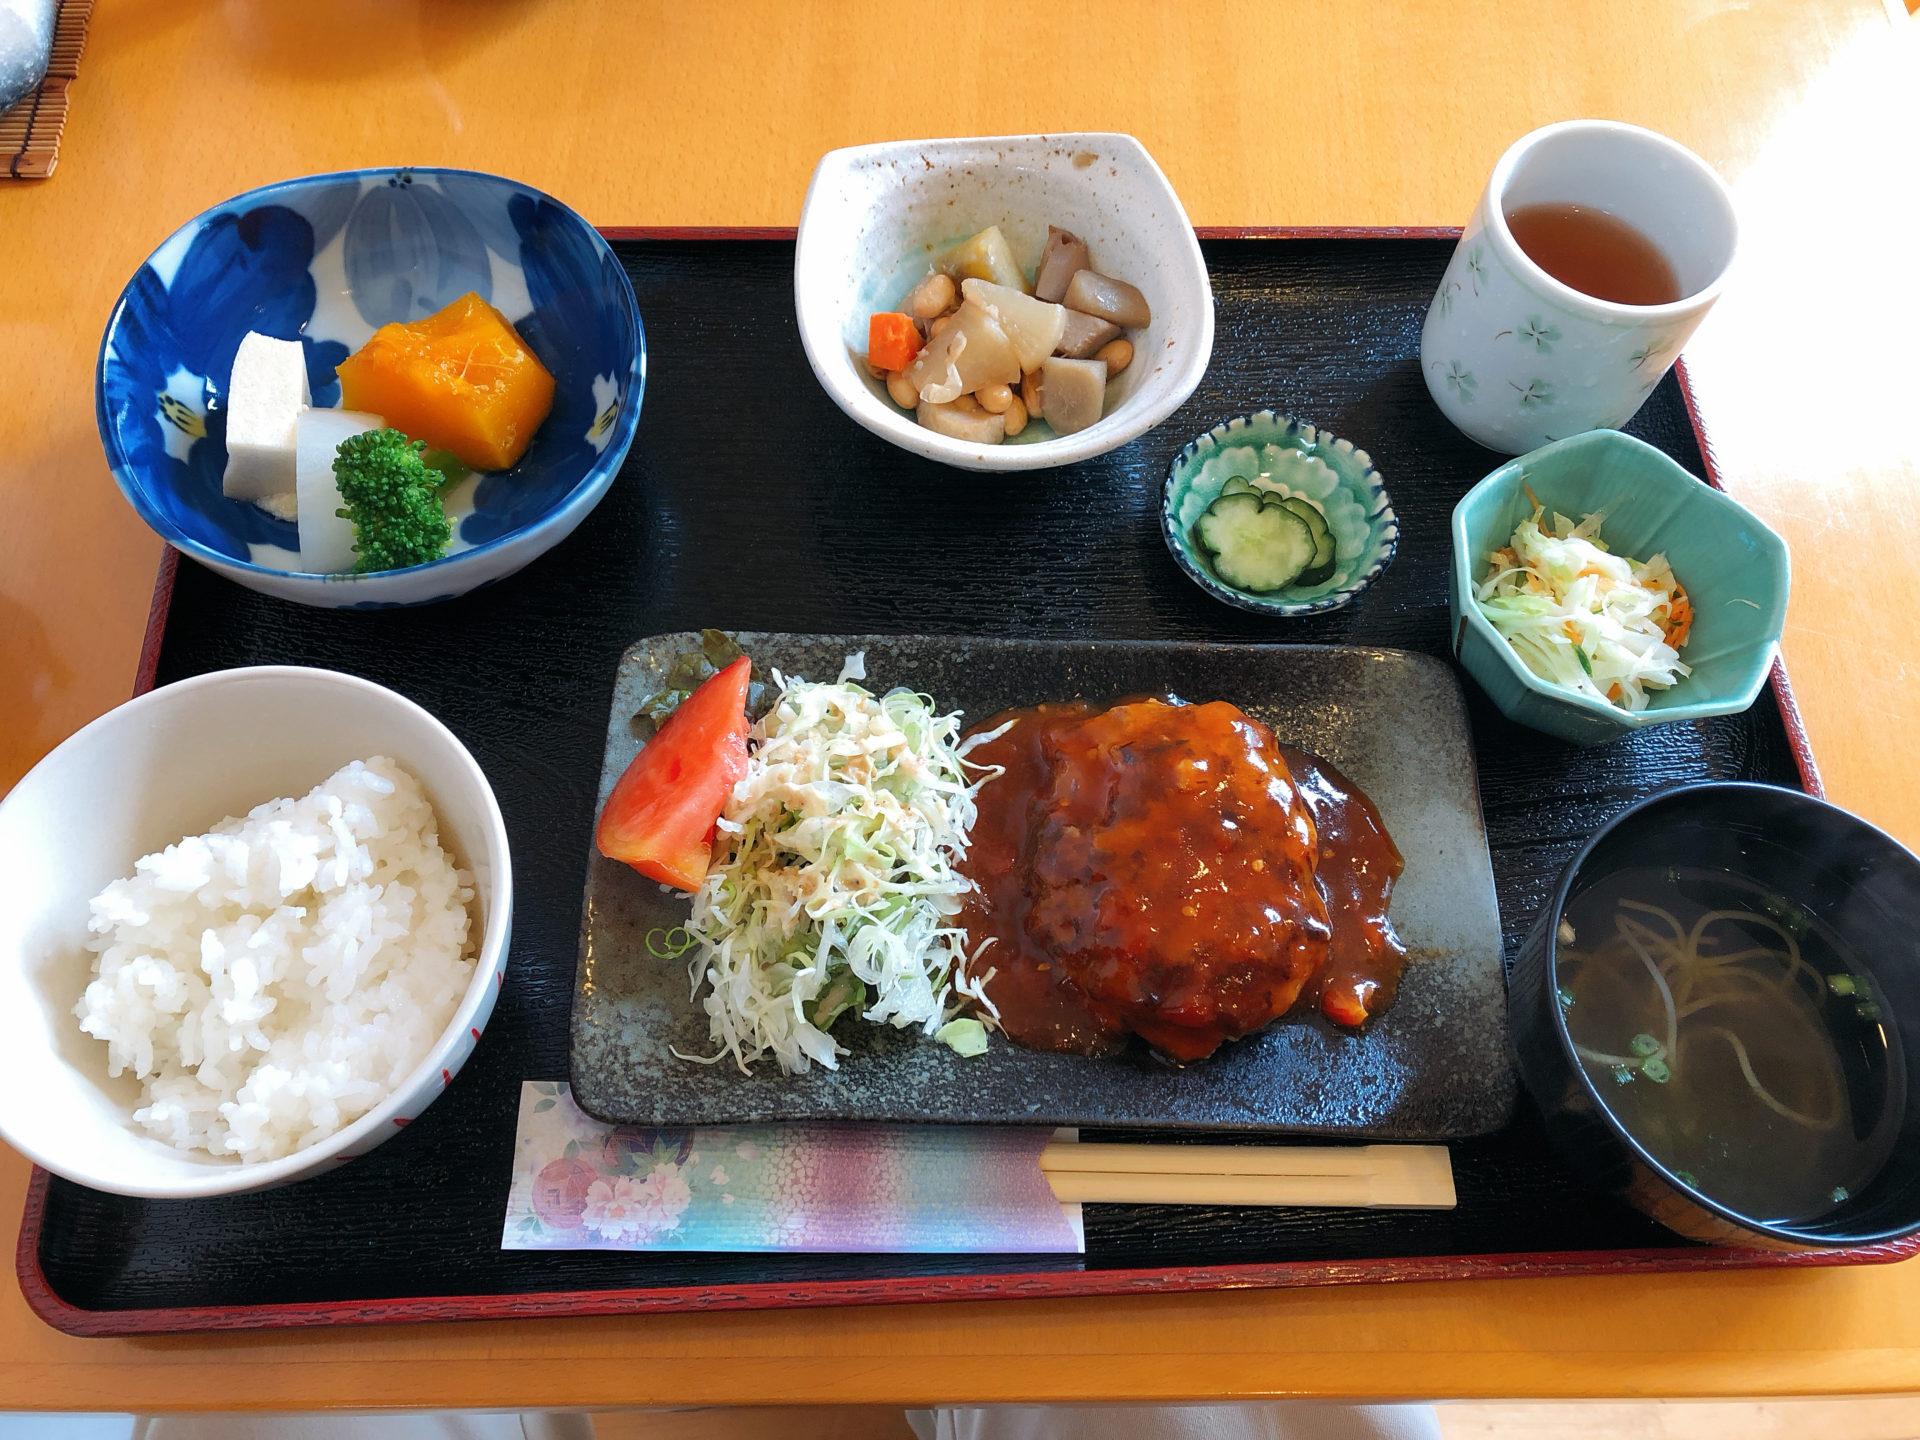 瀬戸内市 長船駅から徒歩6分 ランチ&カフェ 舎和(とわ)の繊細な味と、落ち着いた空間、行き届いたサービスに大満足!